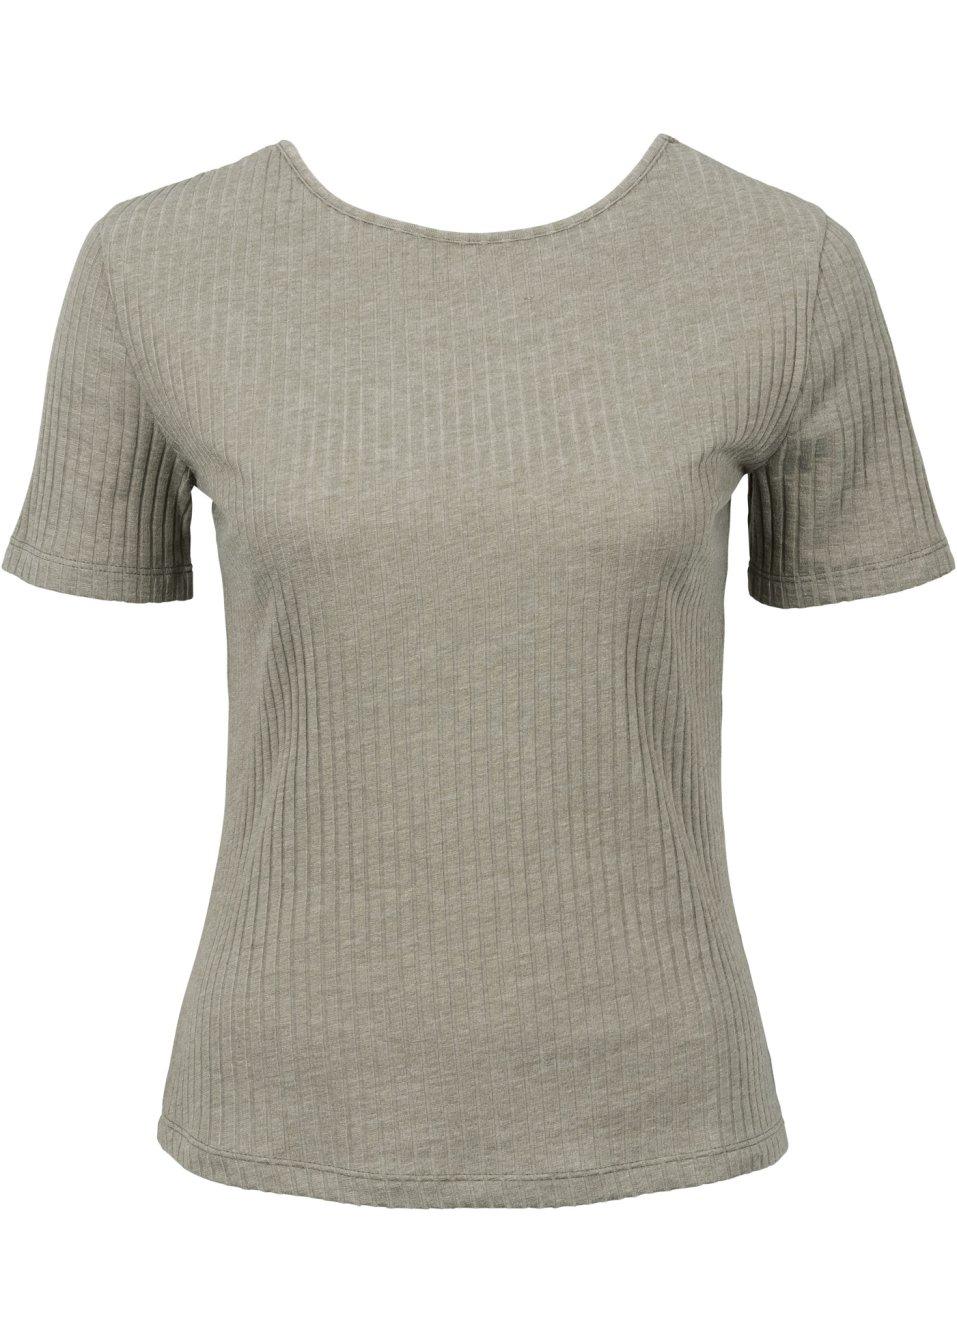 angesagtes ripp shirt mit ausgefallenem r ckenausschnitt new khaki meliert. Black Bedroom Furniture Sets. Home Design Ideas